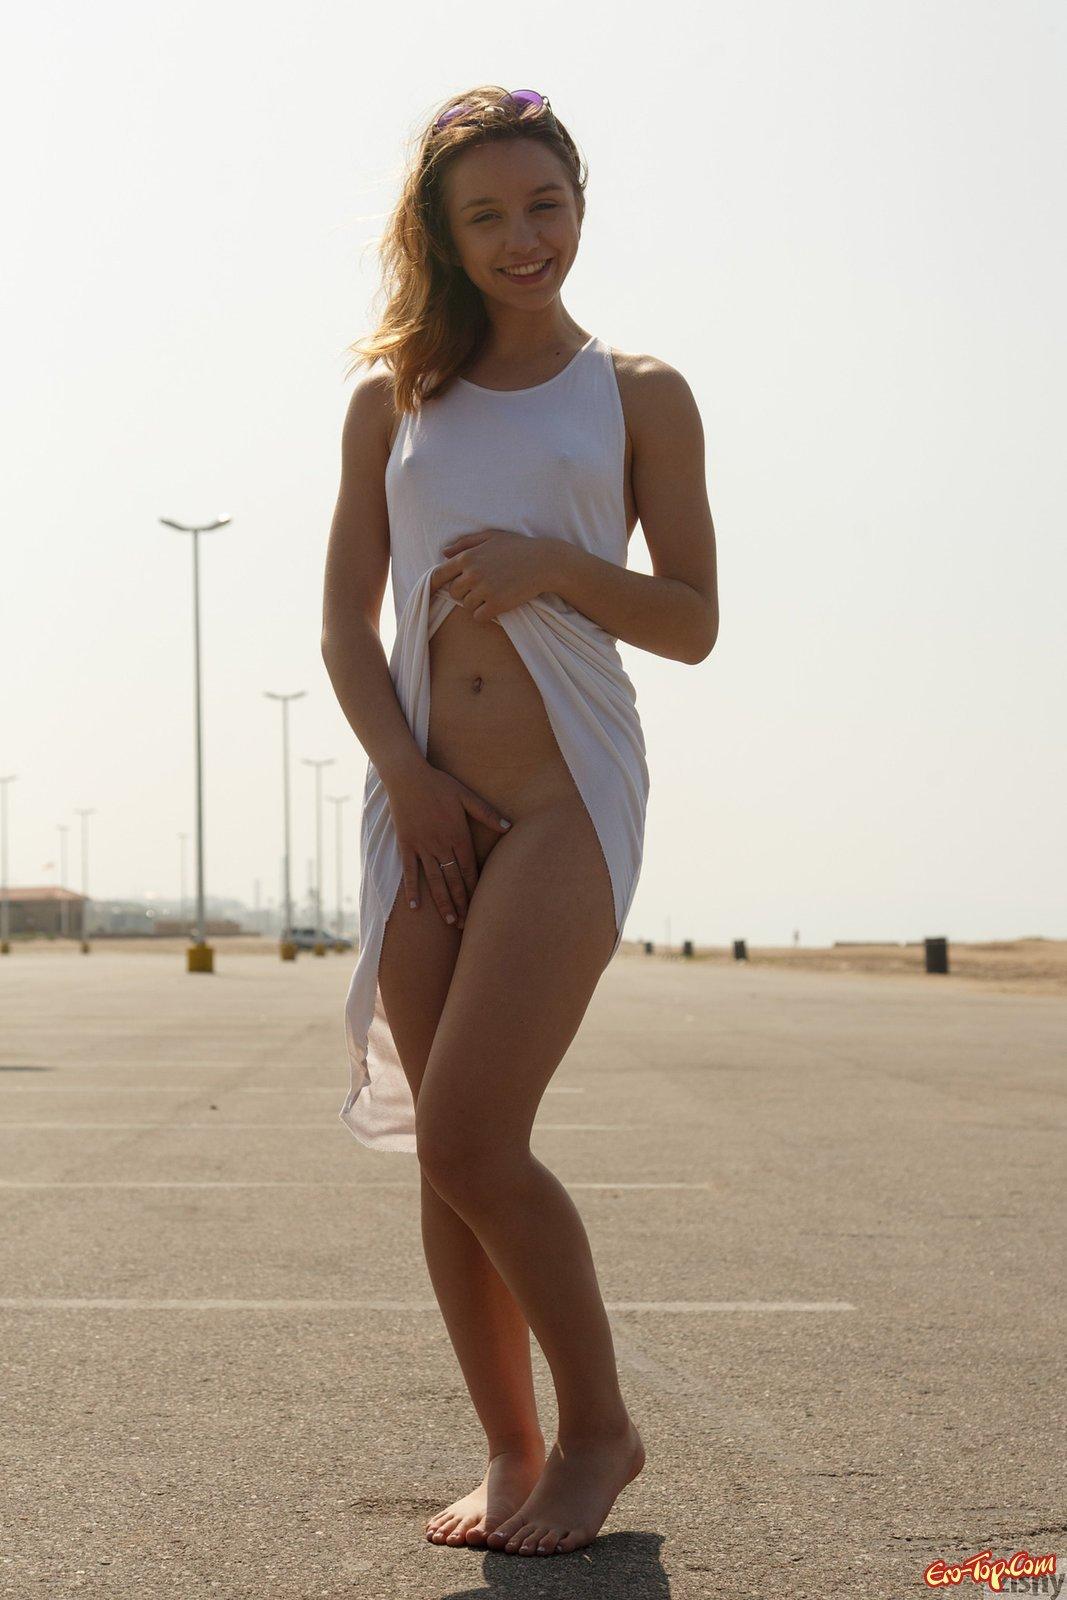 фото девушек на пляже без трусов скачать архивом